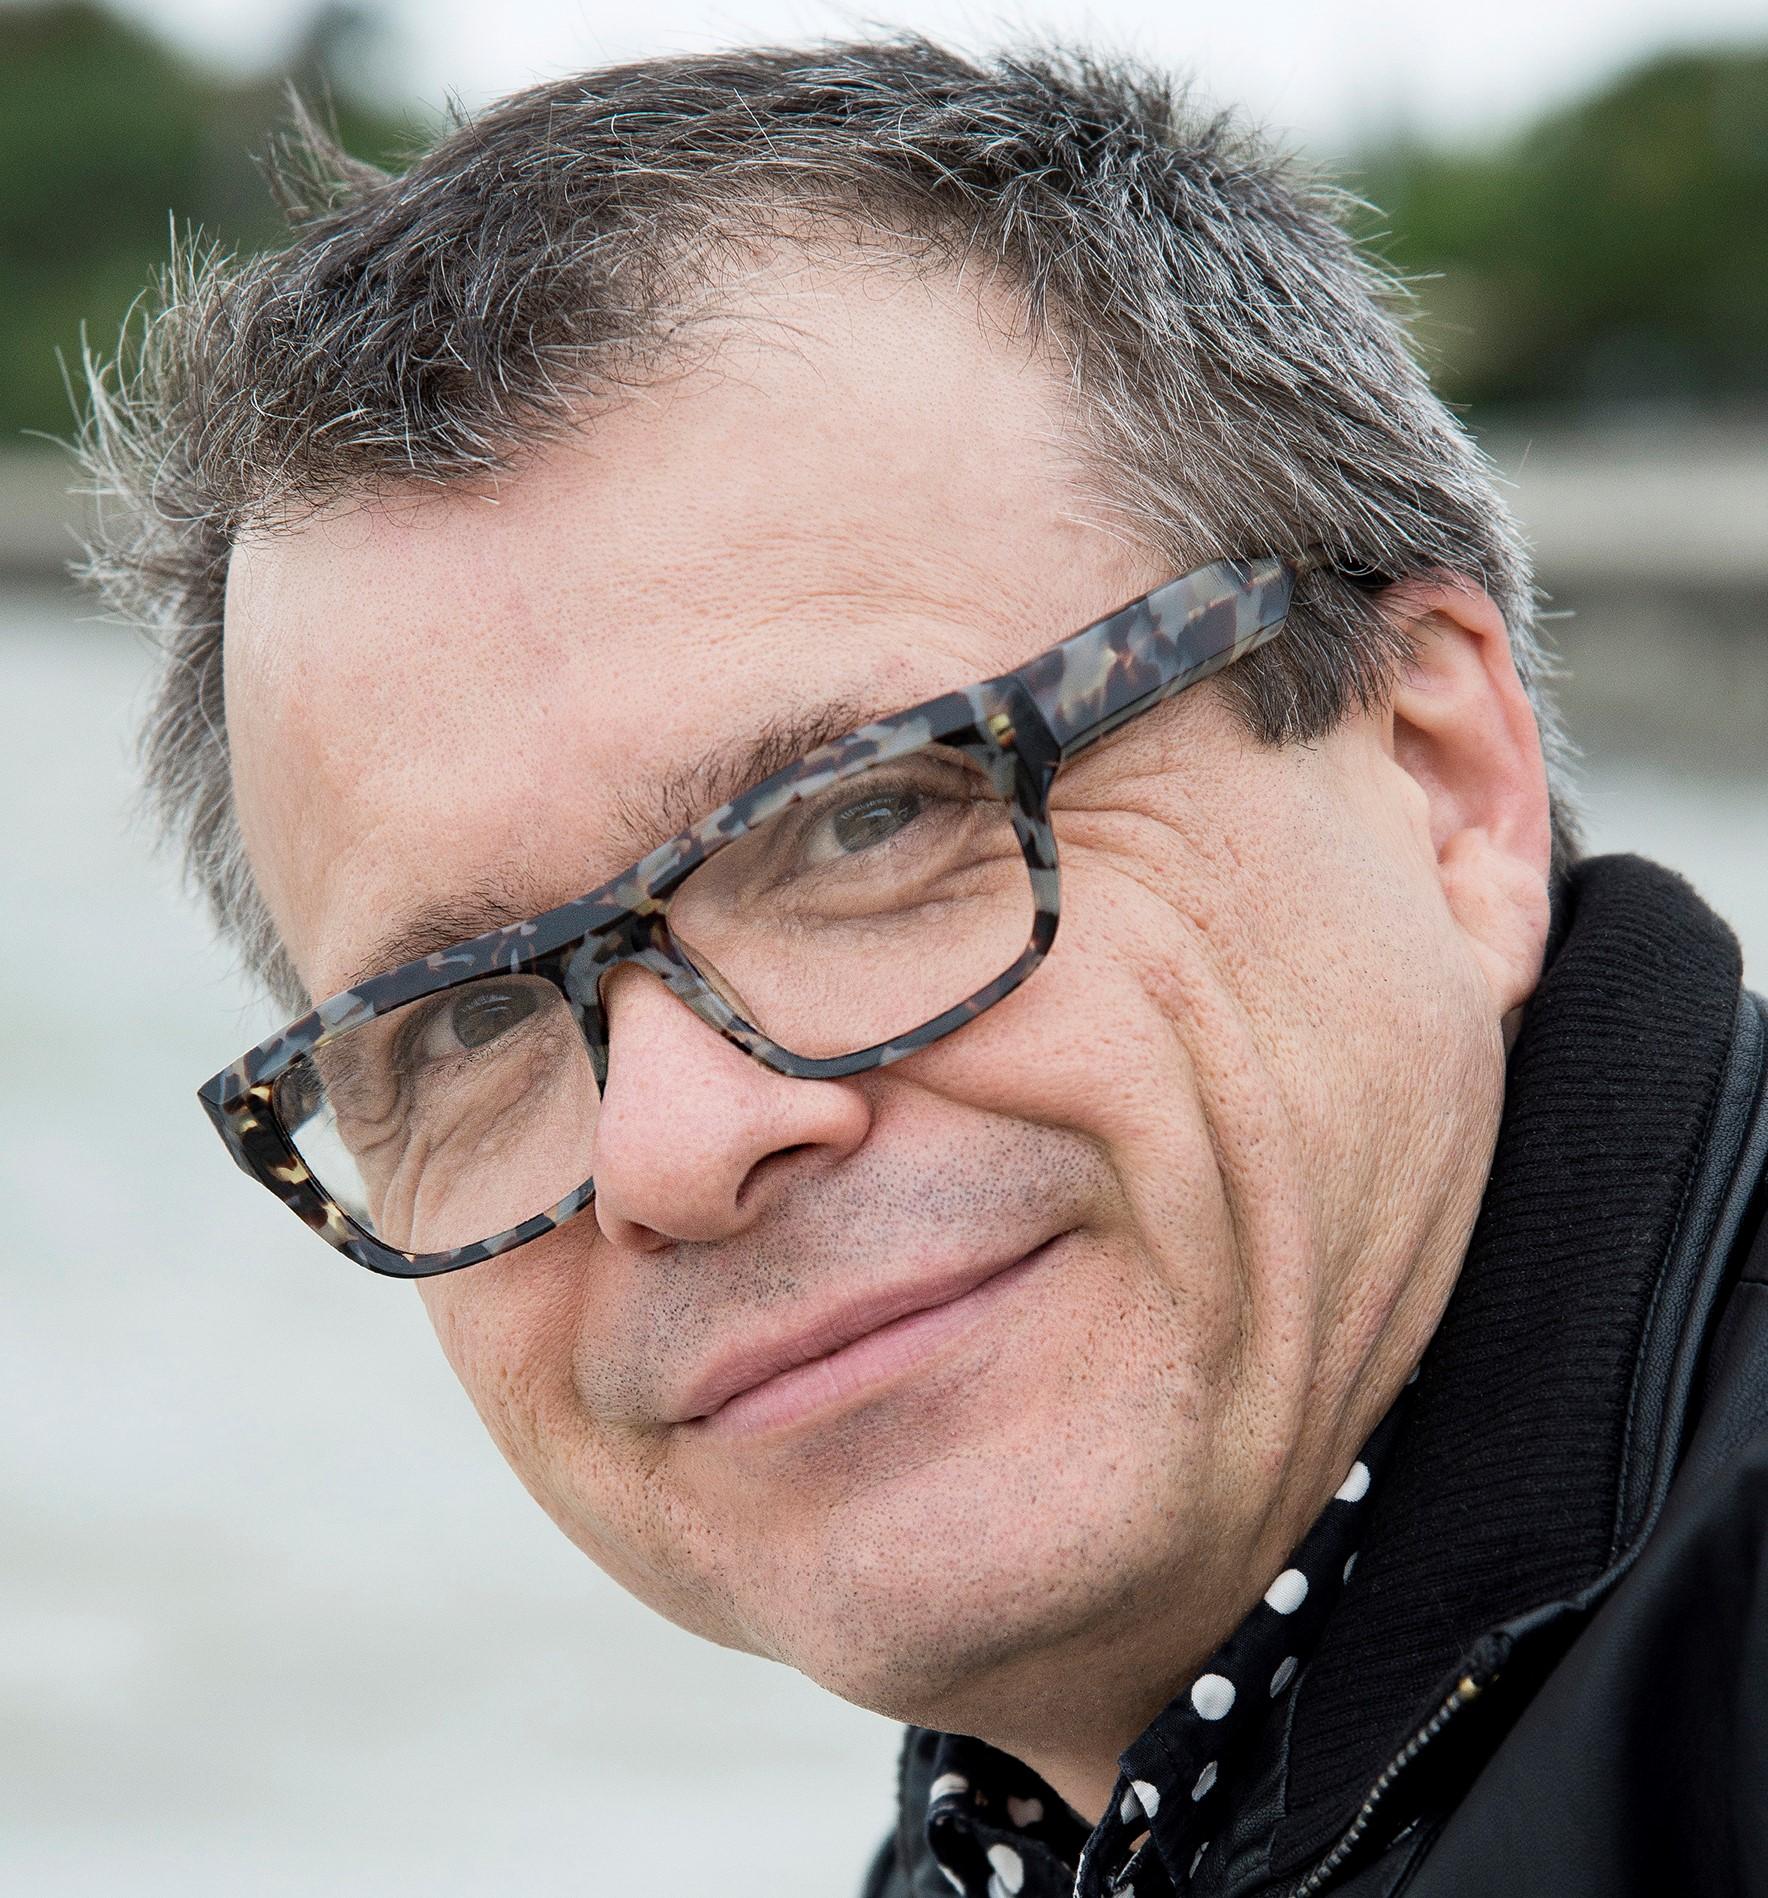 Patrick Foulhoux